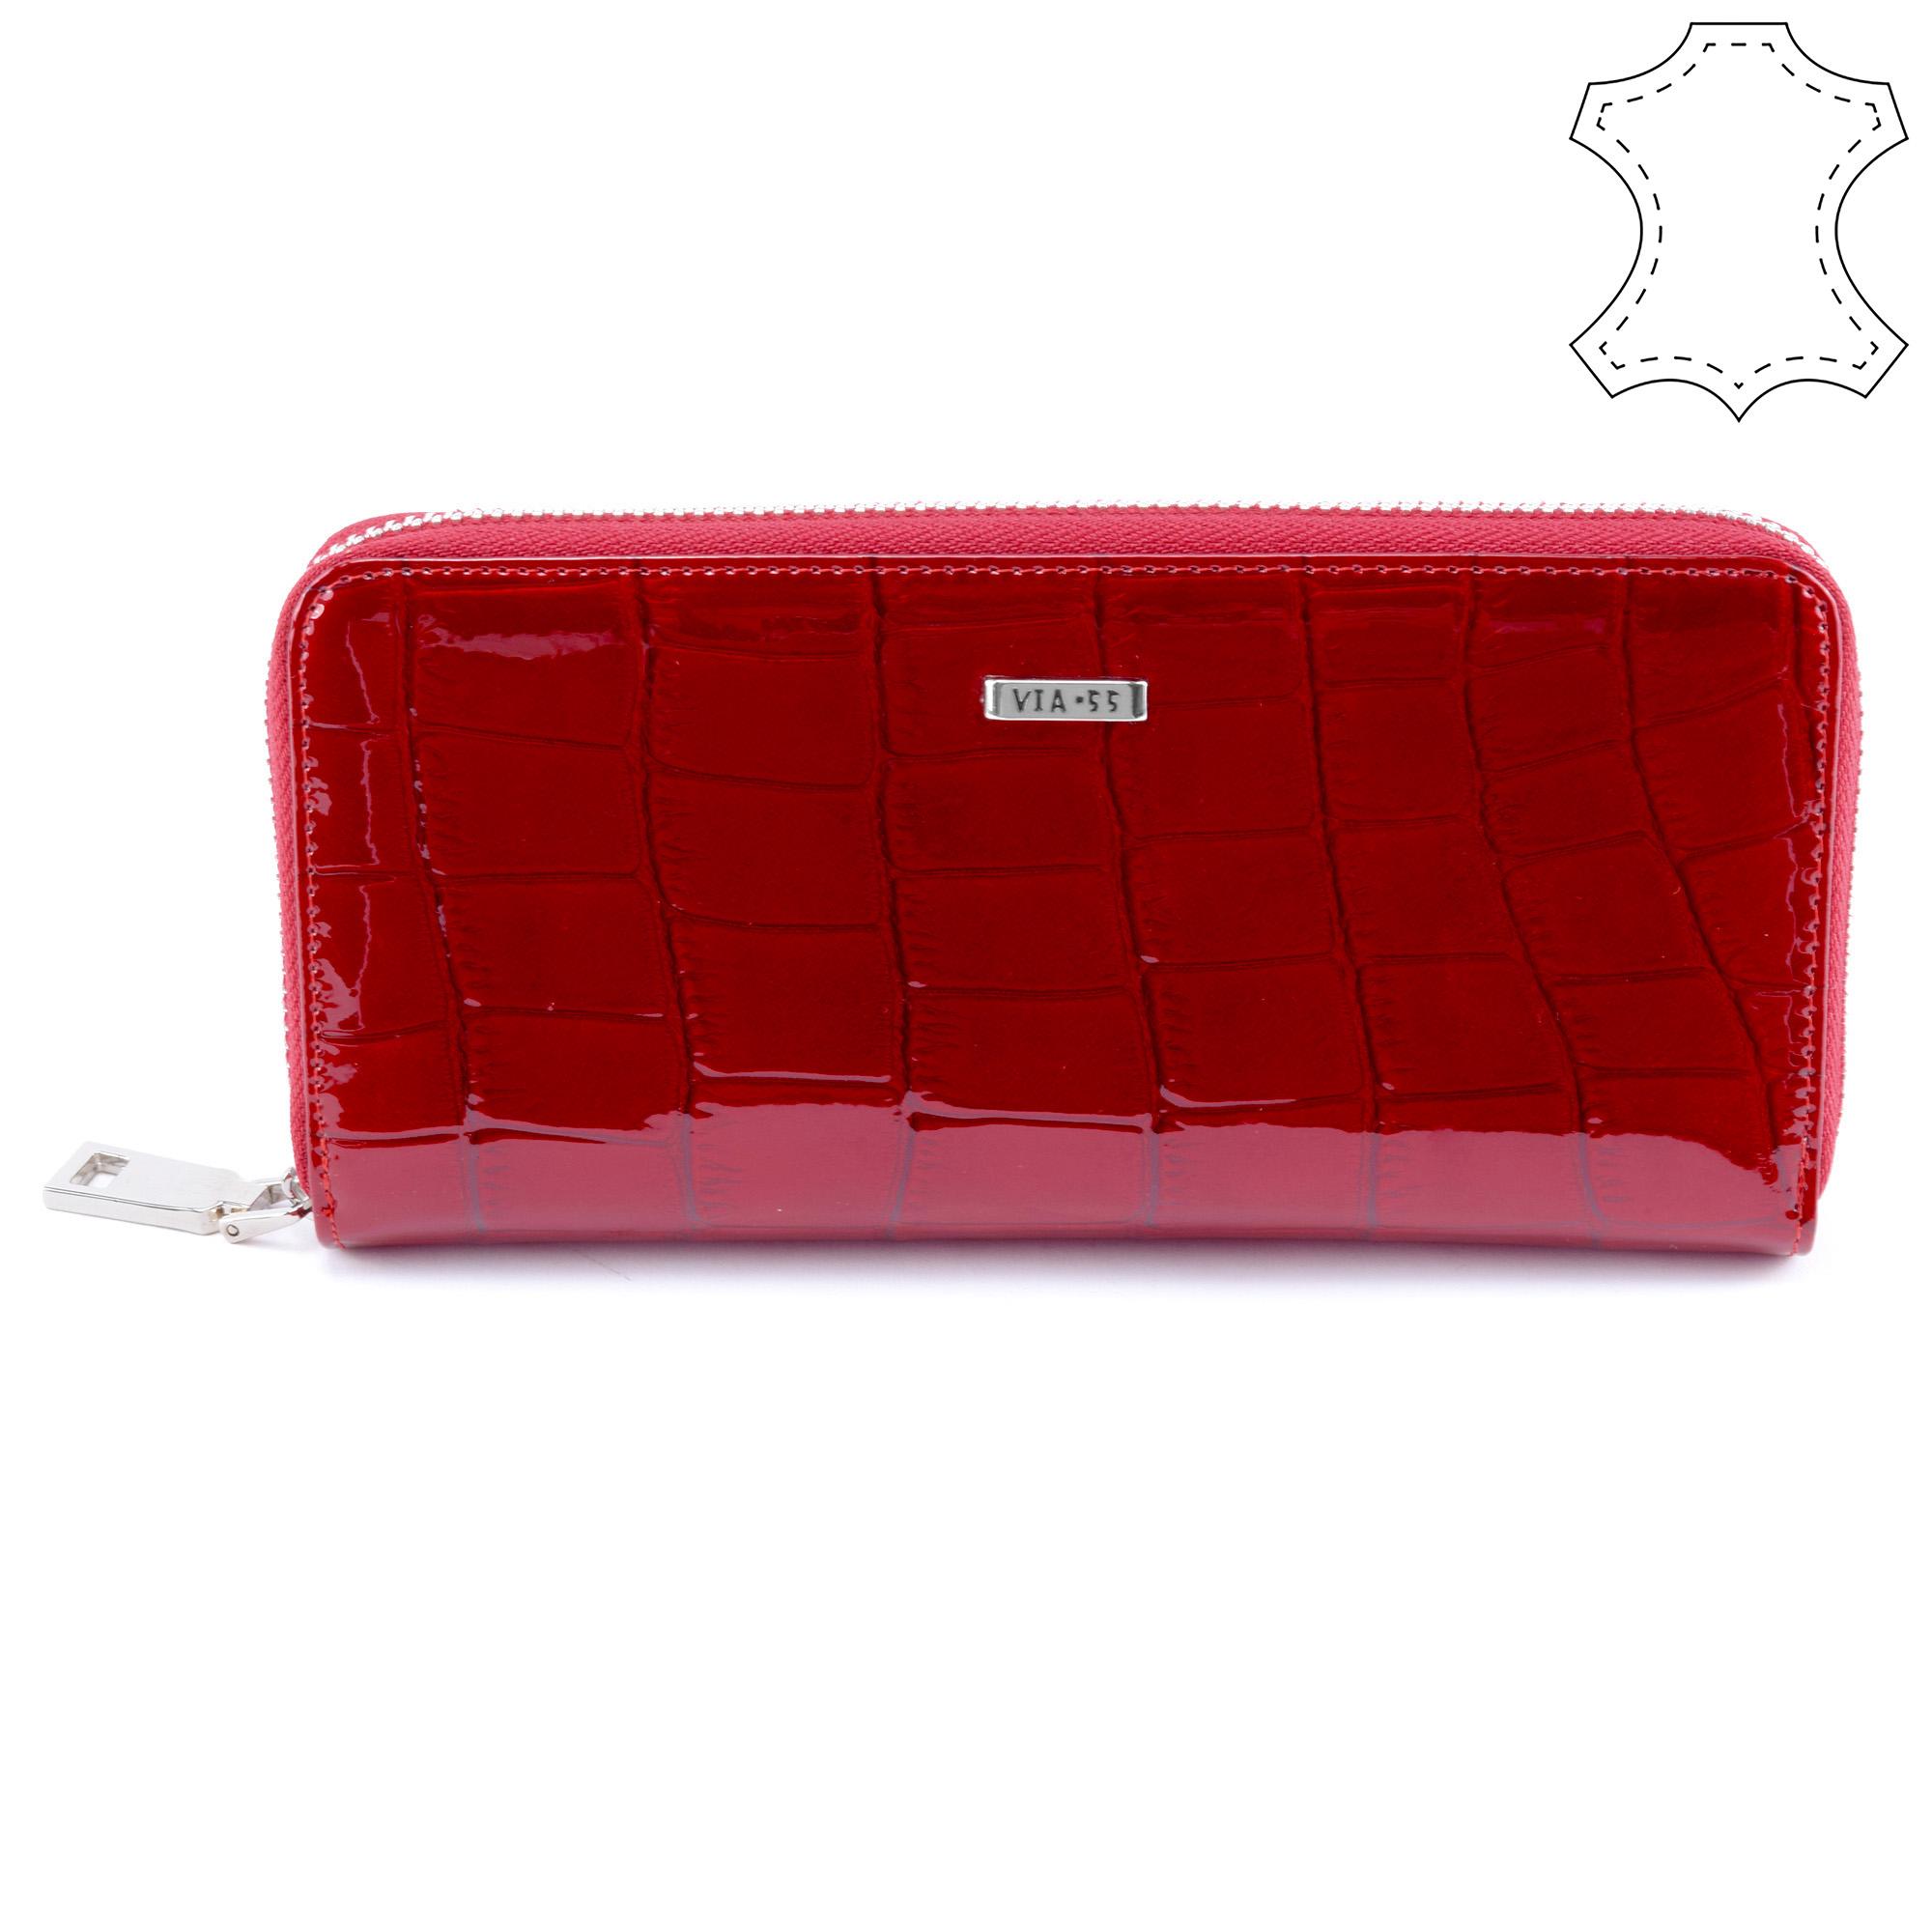 a6dad73f19bb VIA55 Női Lakkbőr Pénztárca Piros - NŐI PÉNZTÁRCÁK - Táska webáruház -  Minőségi táskák mindenkinek